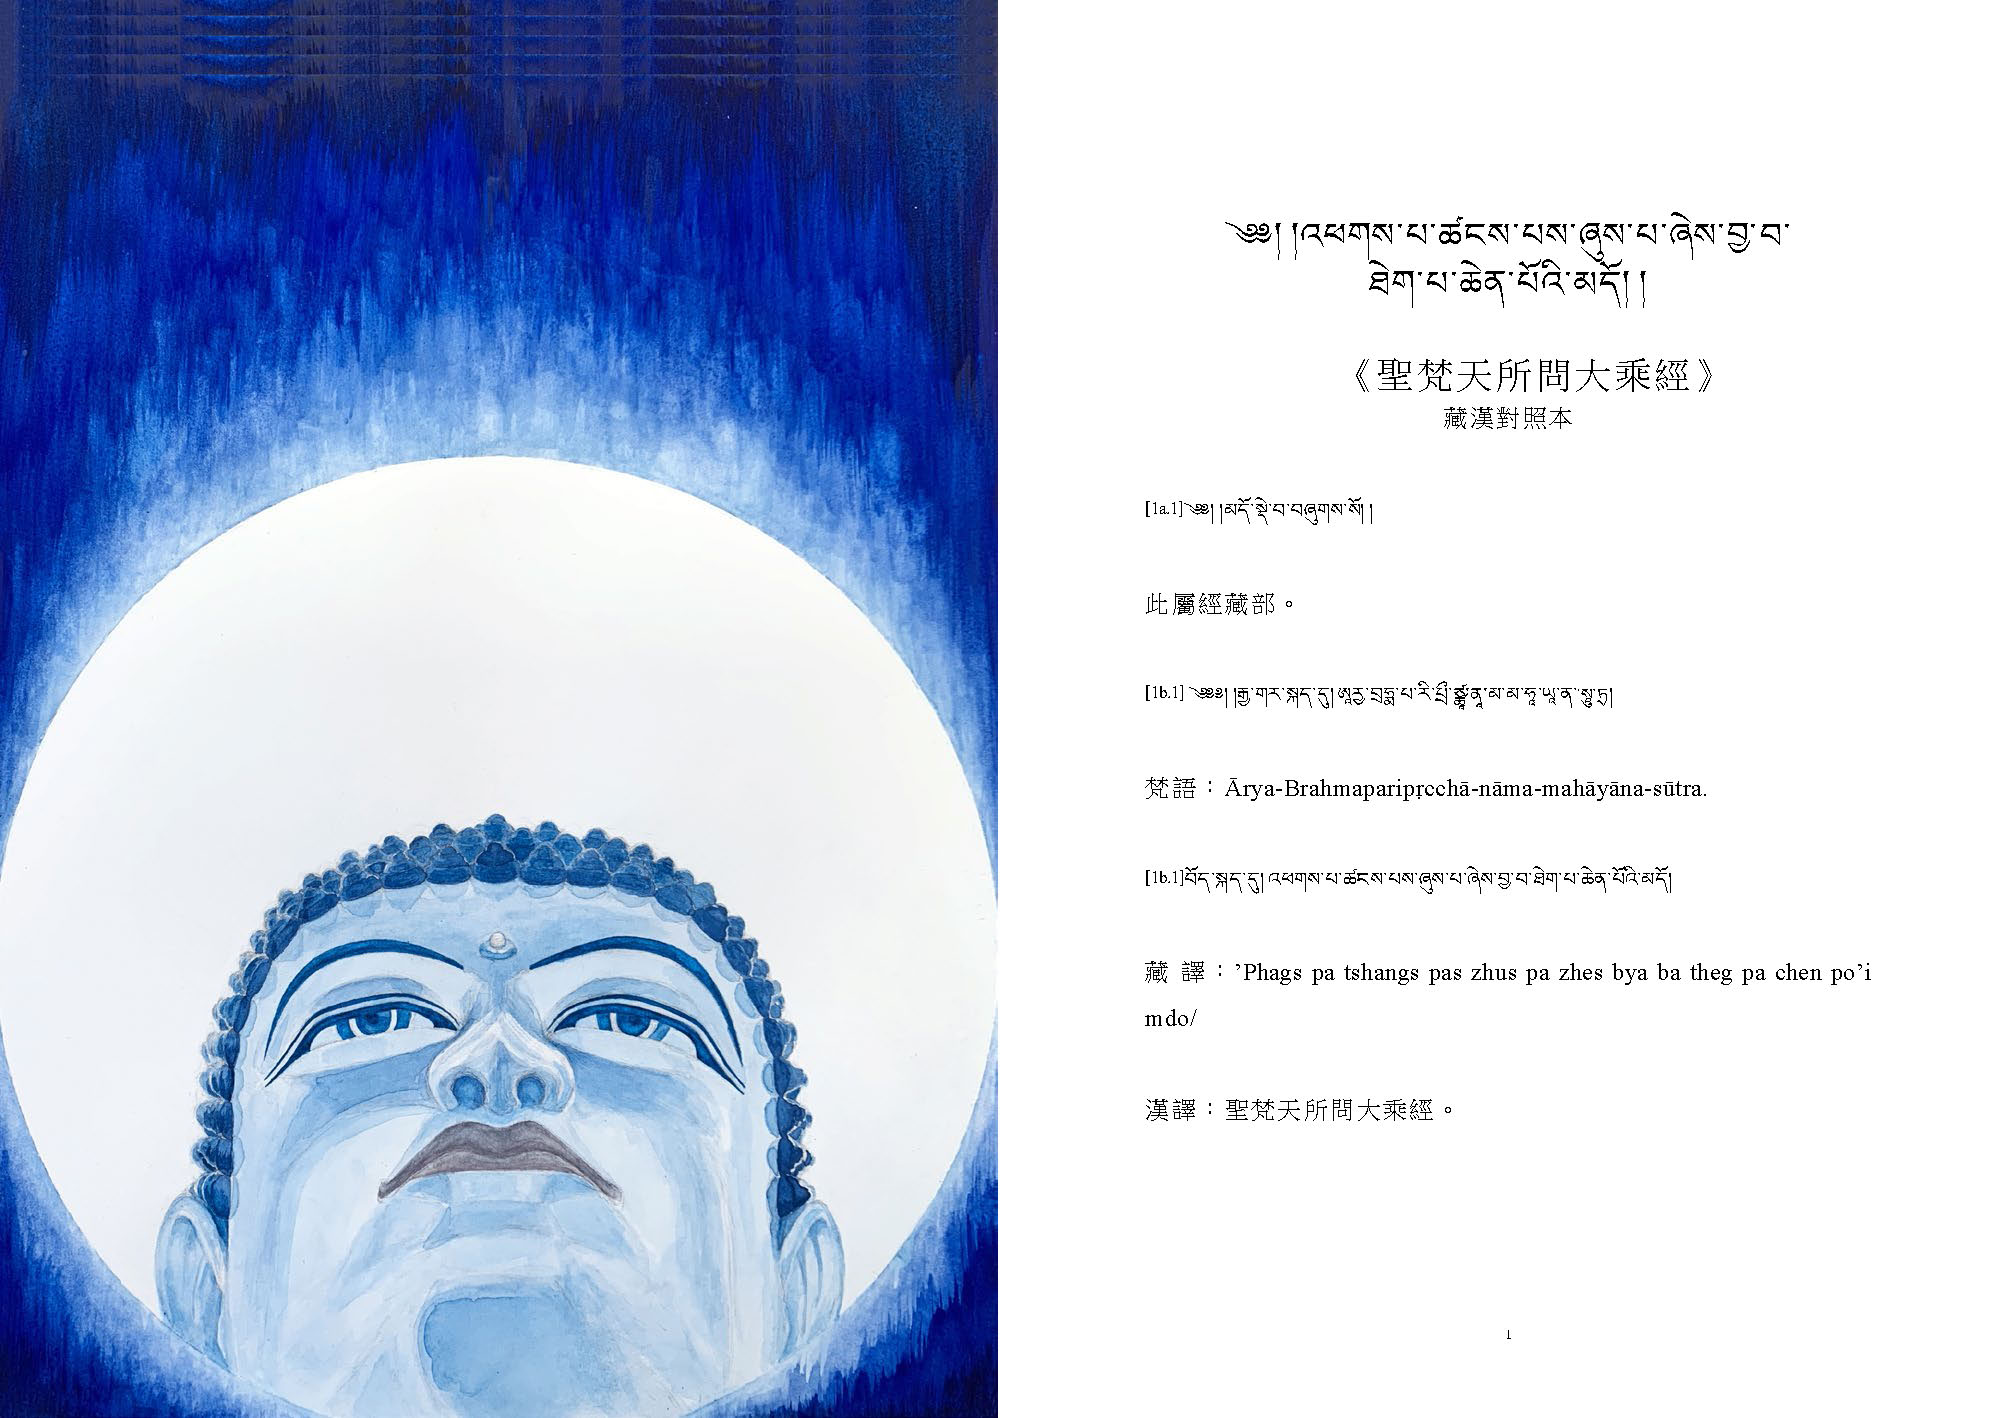 ZanHanDuiZhao Text